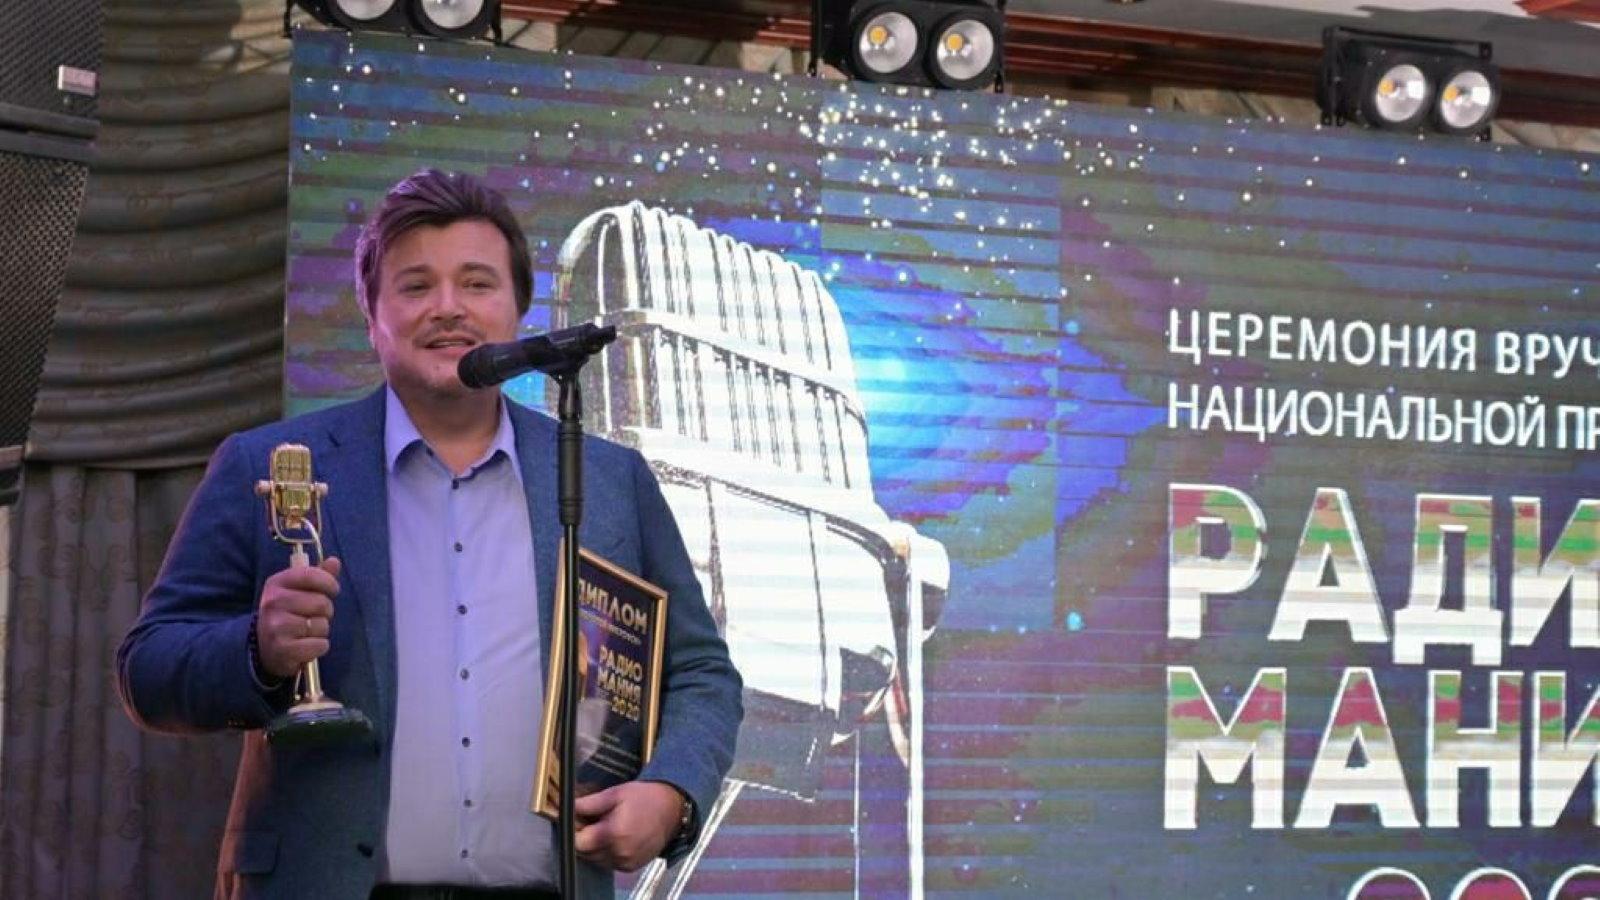 Генеральный продюсер Ретро FM Владимир Иваненко XIX ежегодная Национальная премия в области радиовещания Радиомания 2020